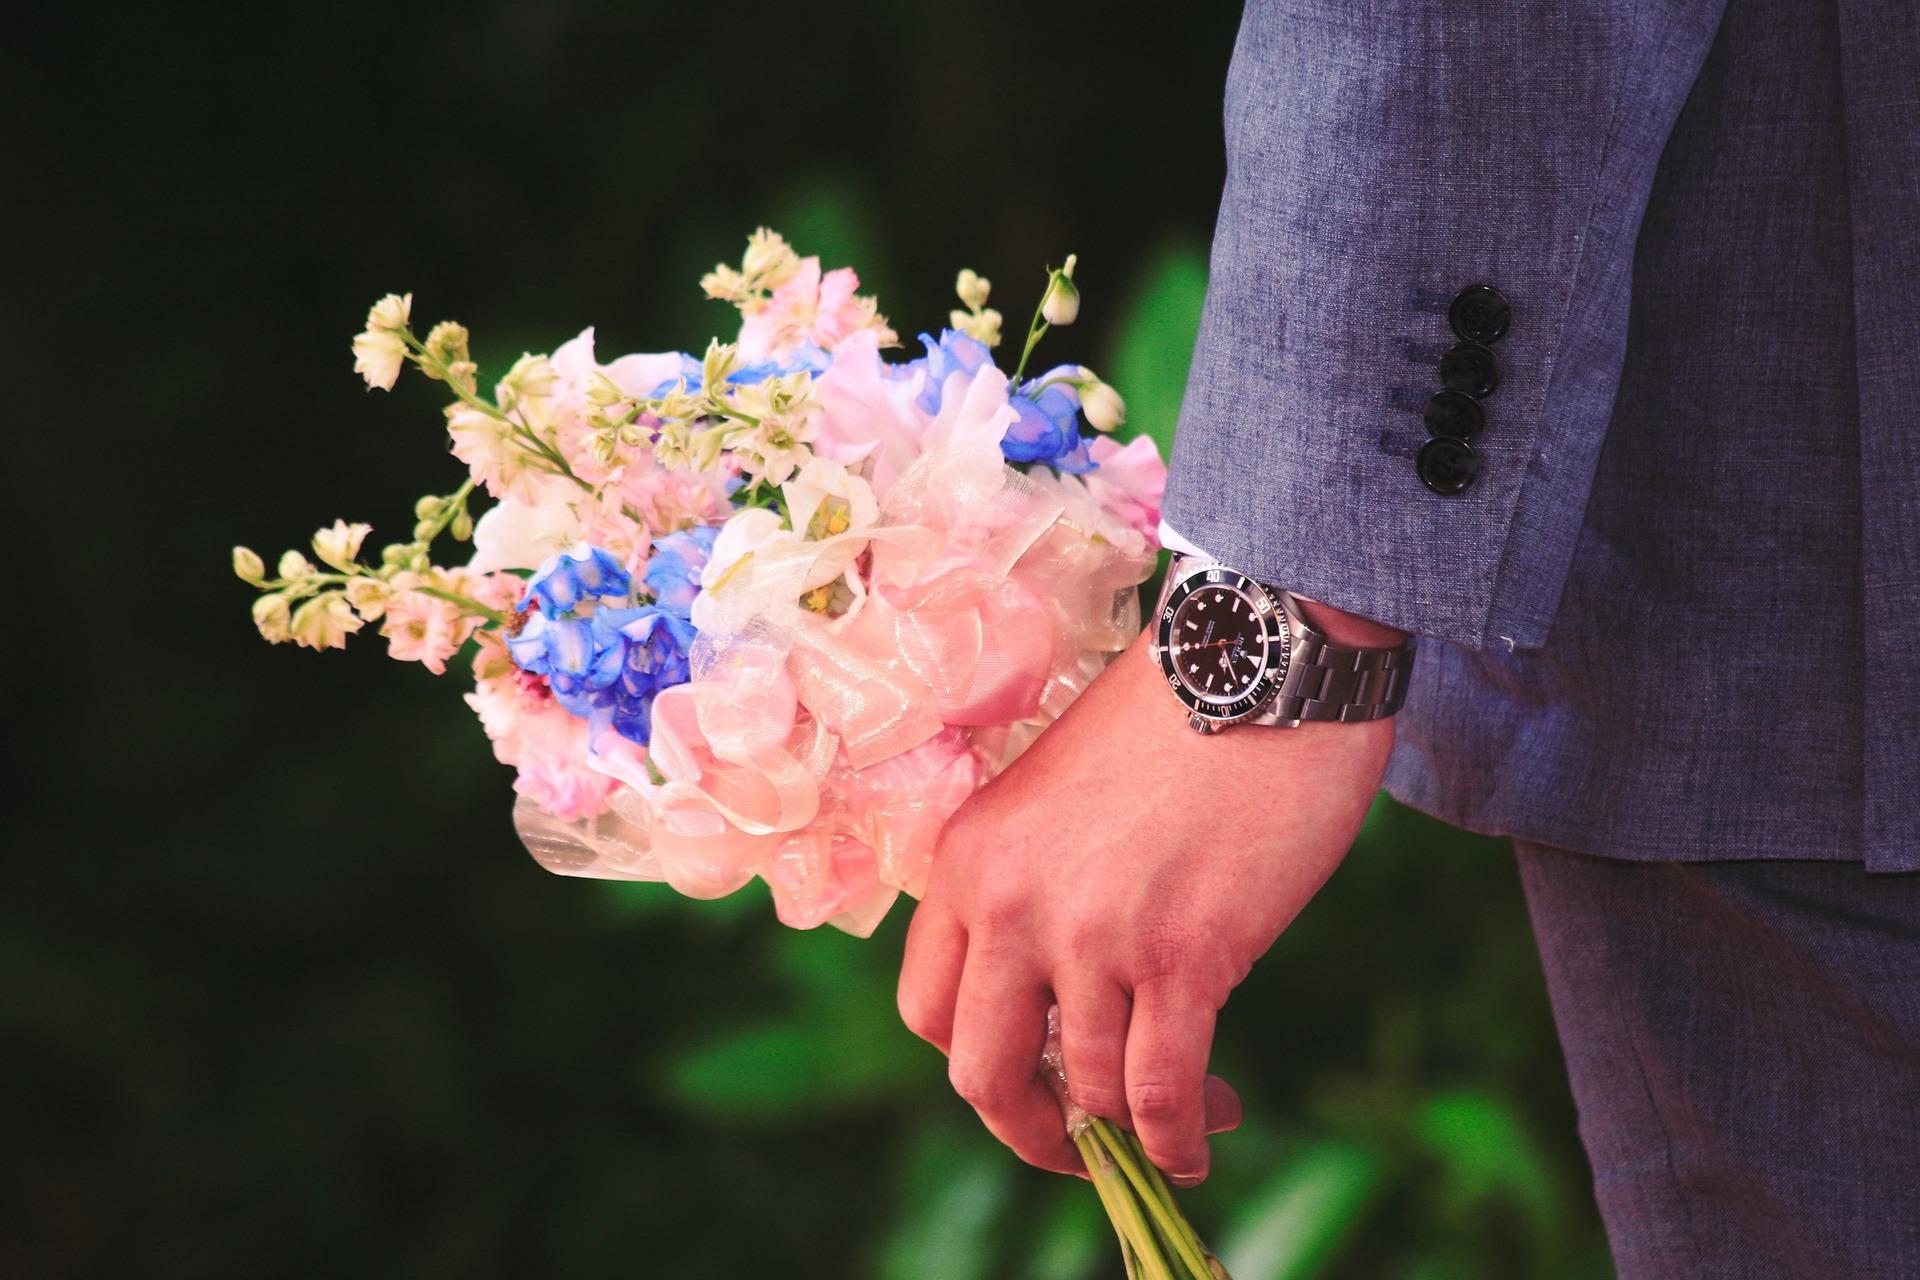 Da li znate kakvu poruku šaljete poklanjanjem cveća?